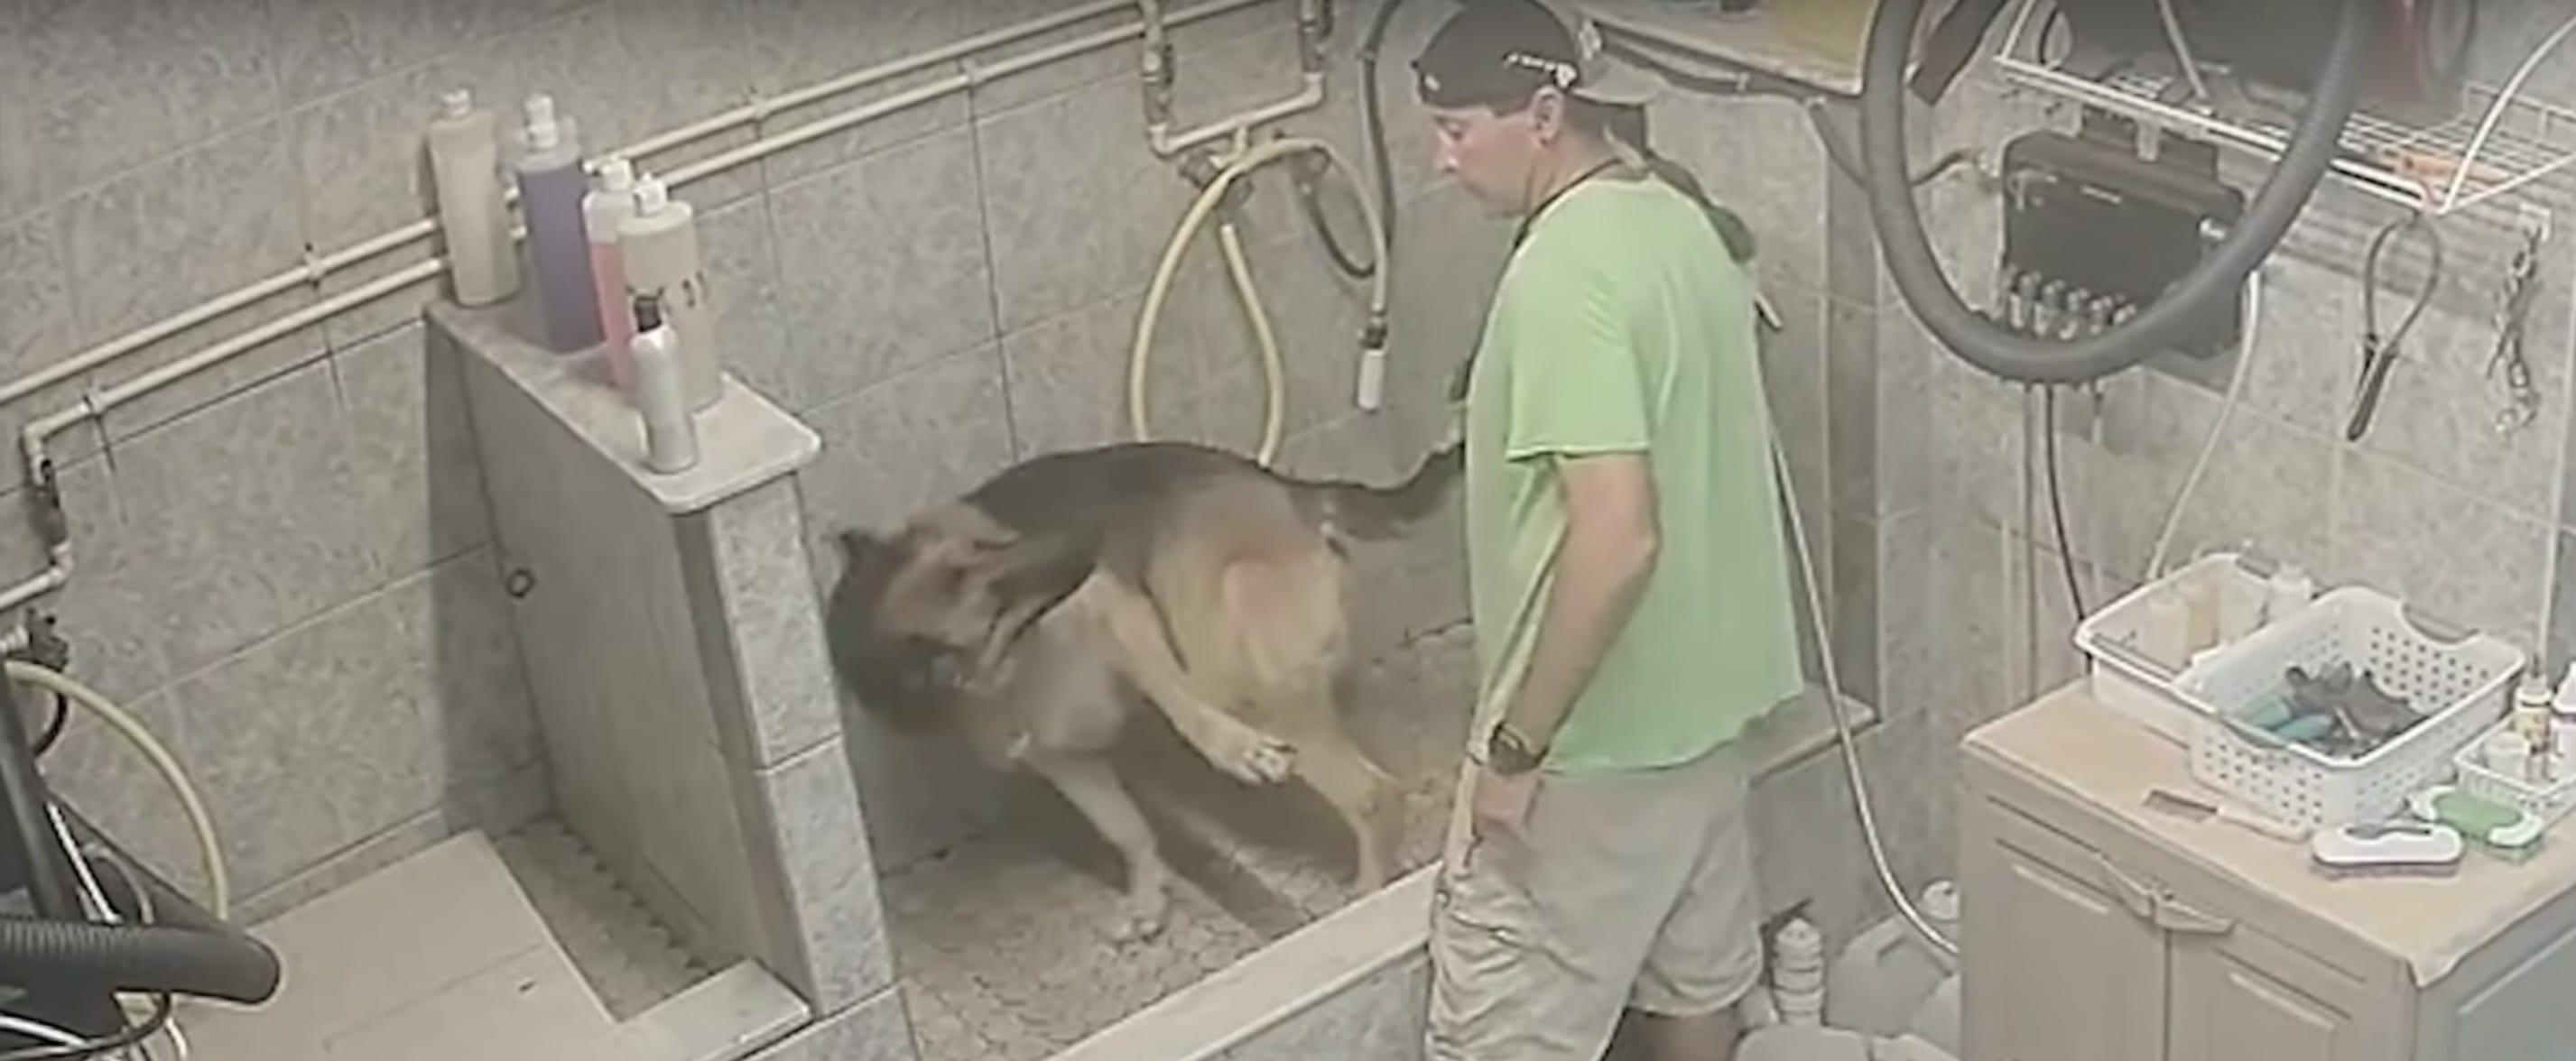 Owczarek niemiecki TT podczas wizyty u psiego fryzjera